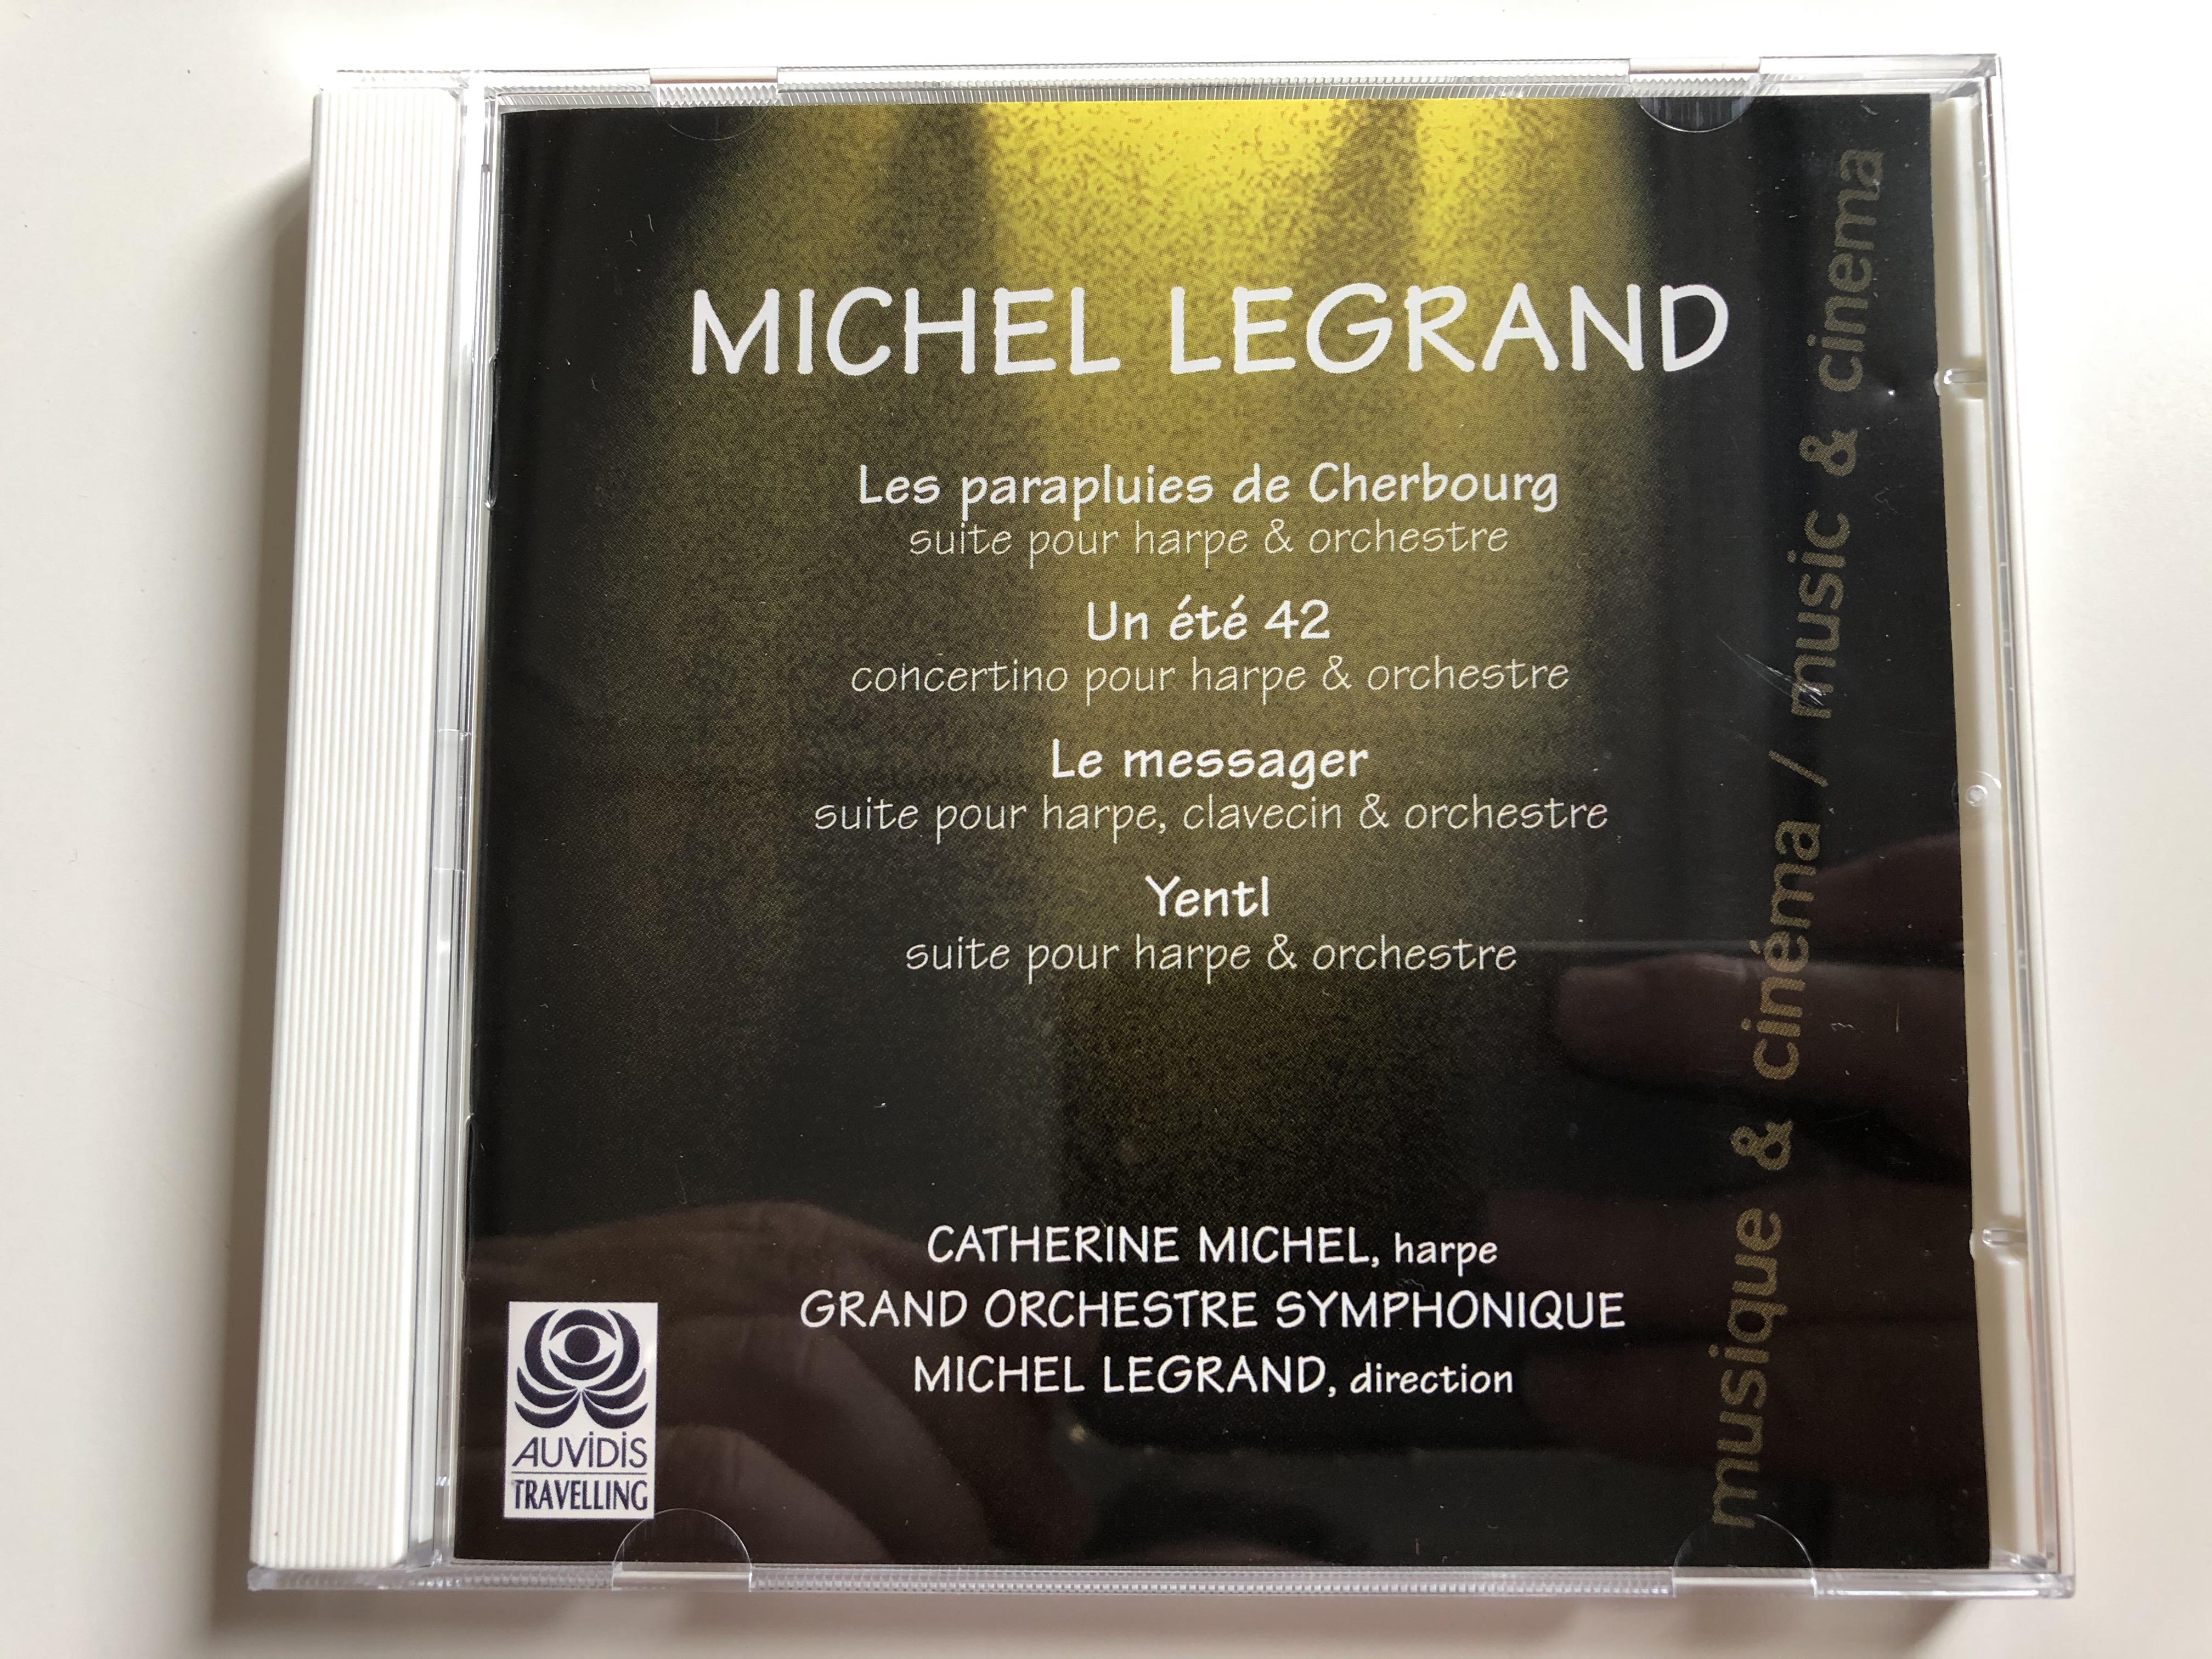 michel-legrand-les-parapluies-de-cherbourg-un-t-42-le-messager-yentl-catherine-michel-harpe-grand-orchestre-symphonique-michel-legrand-direction-auvidis-travelling-audio-cd-1997-k-1-.jpg